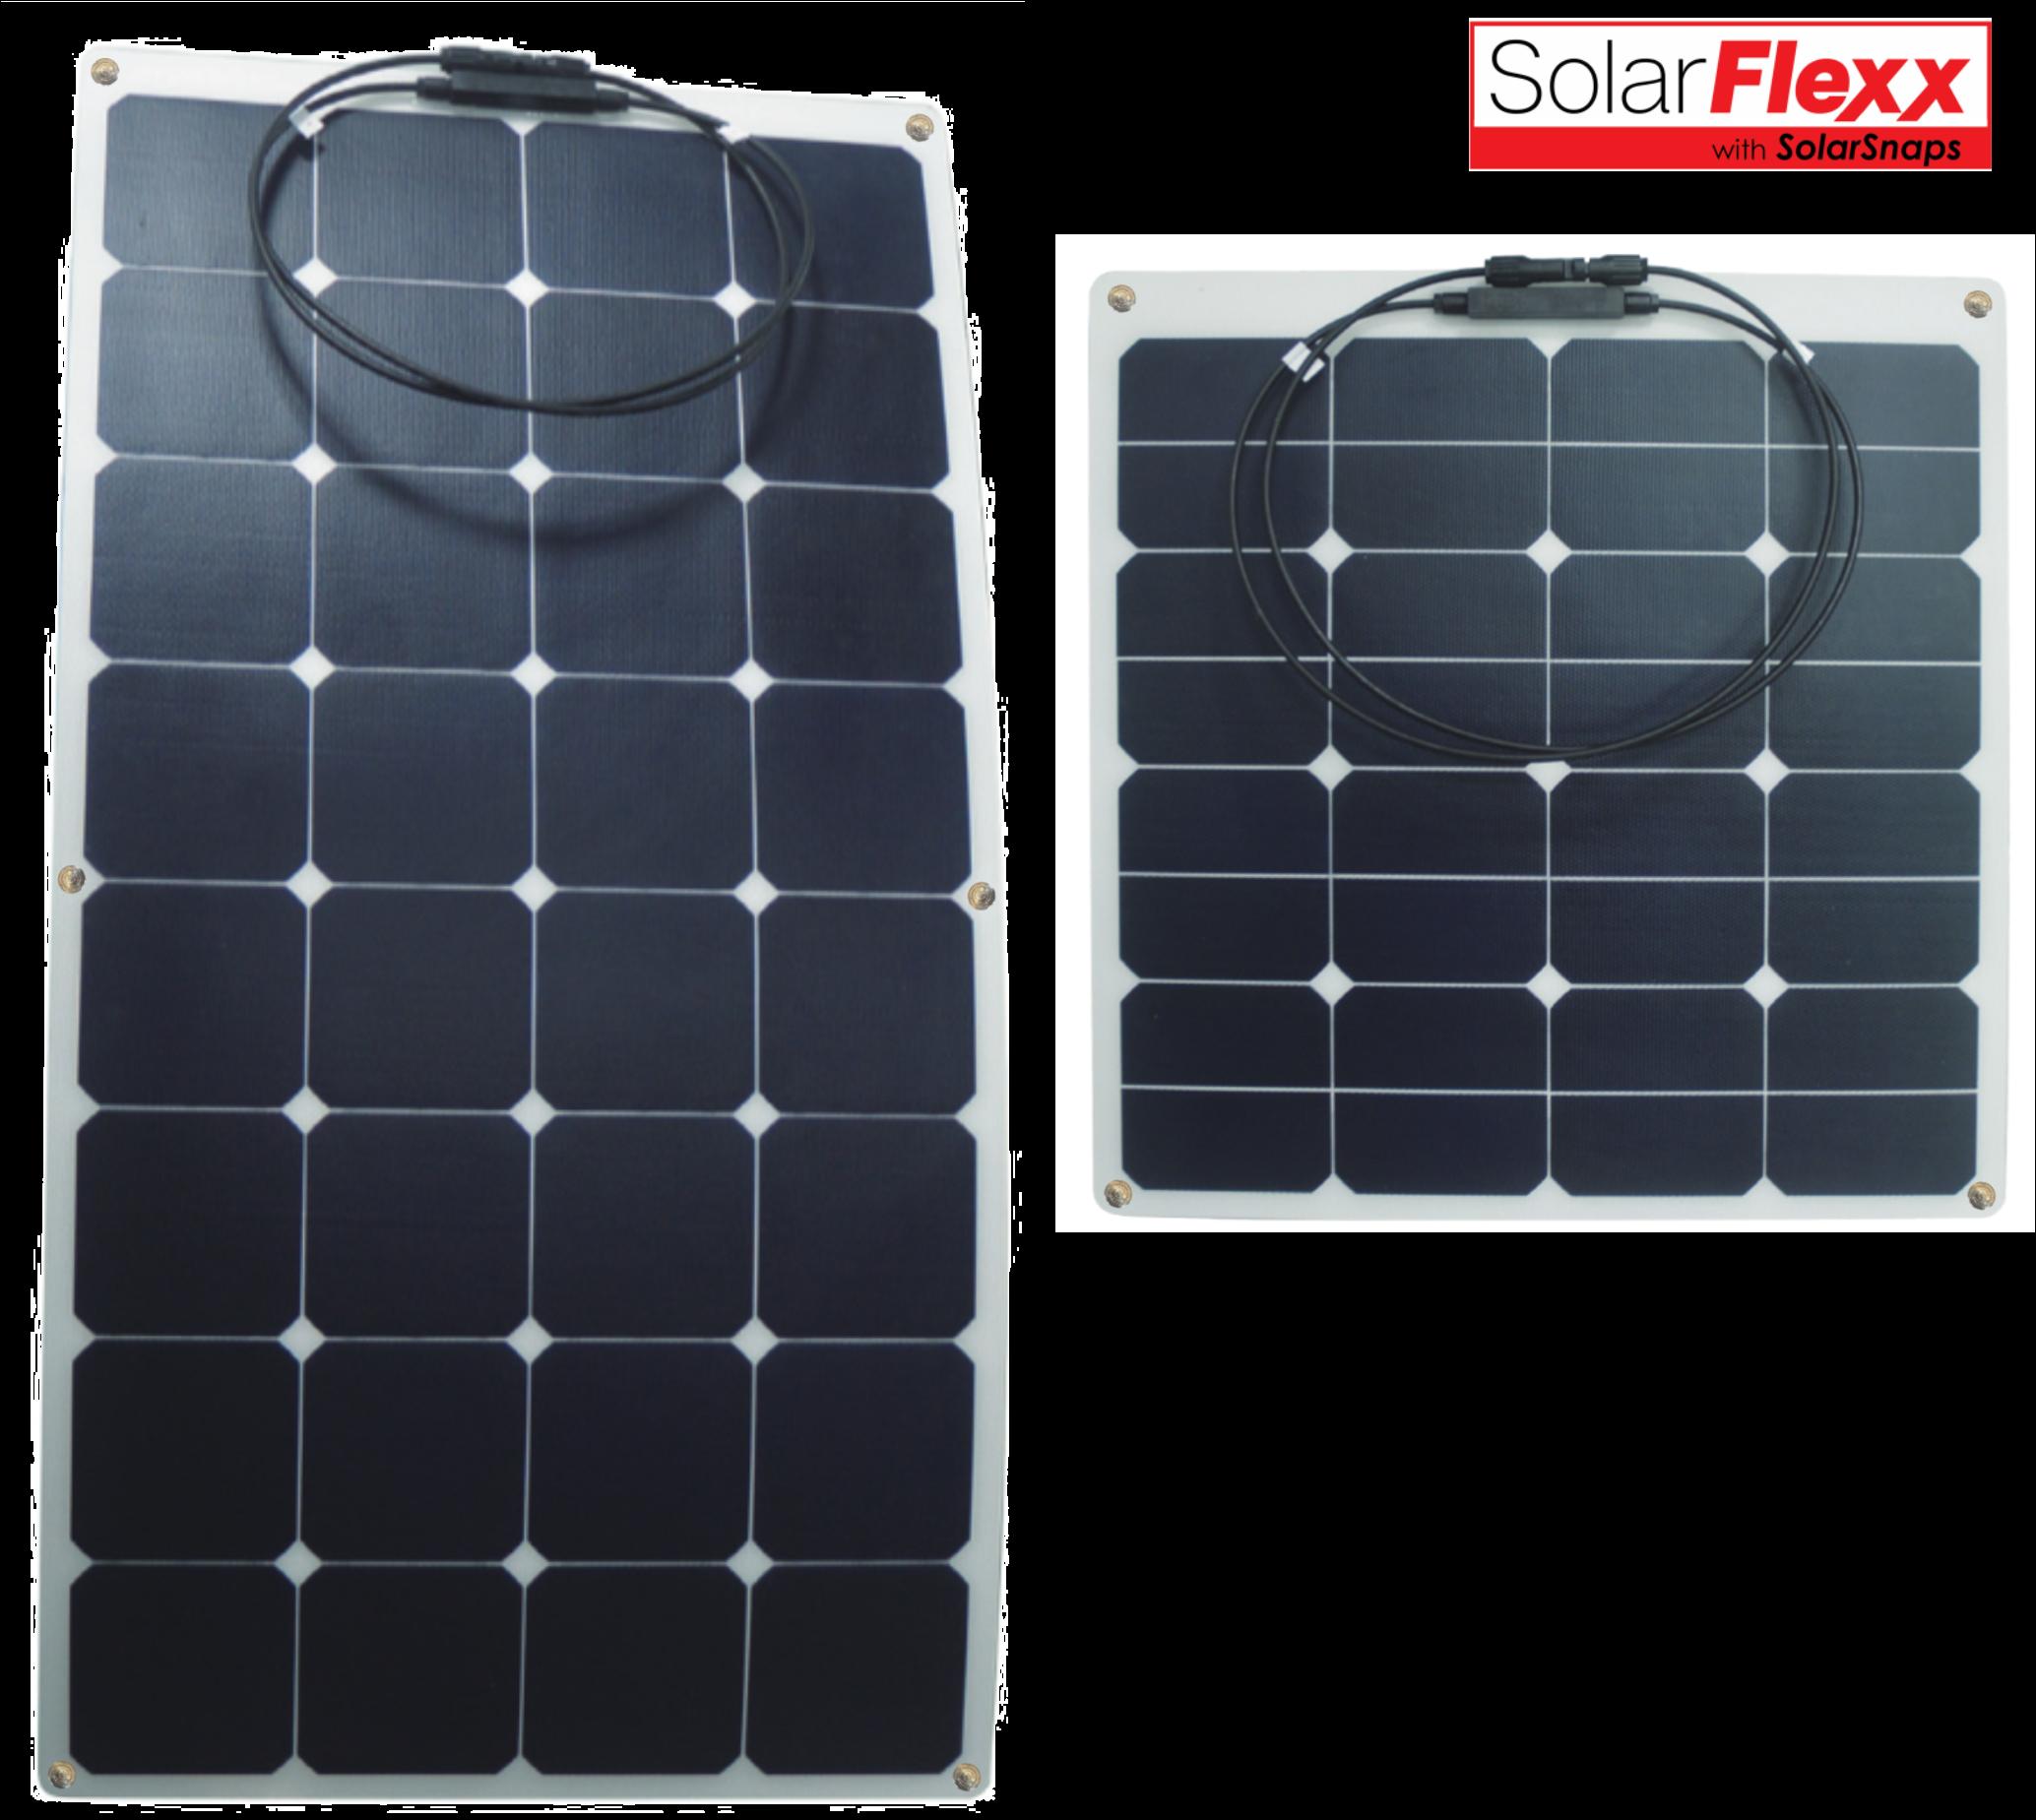 Solarflexx Panels